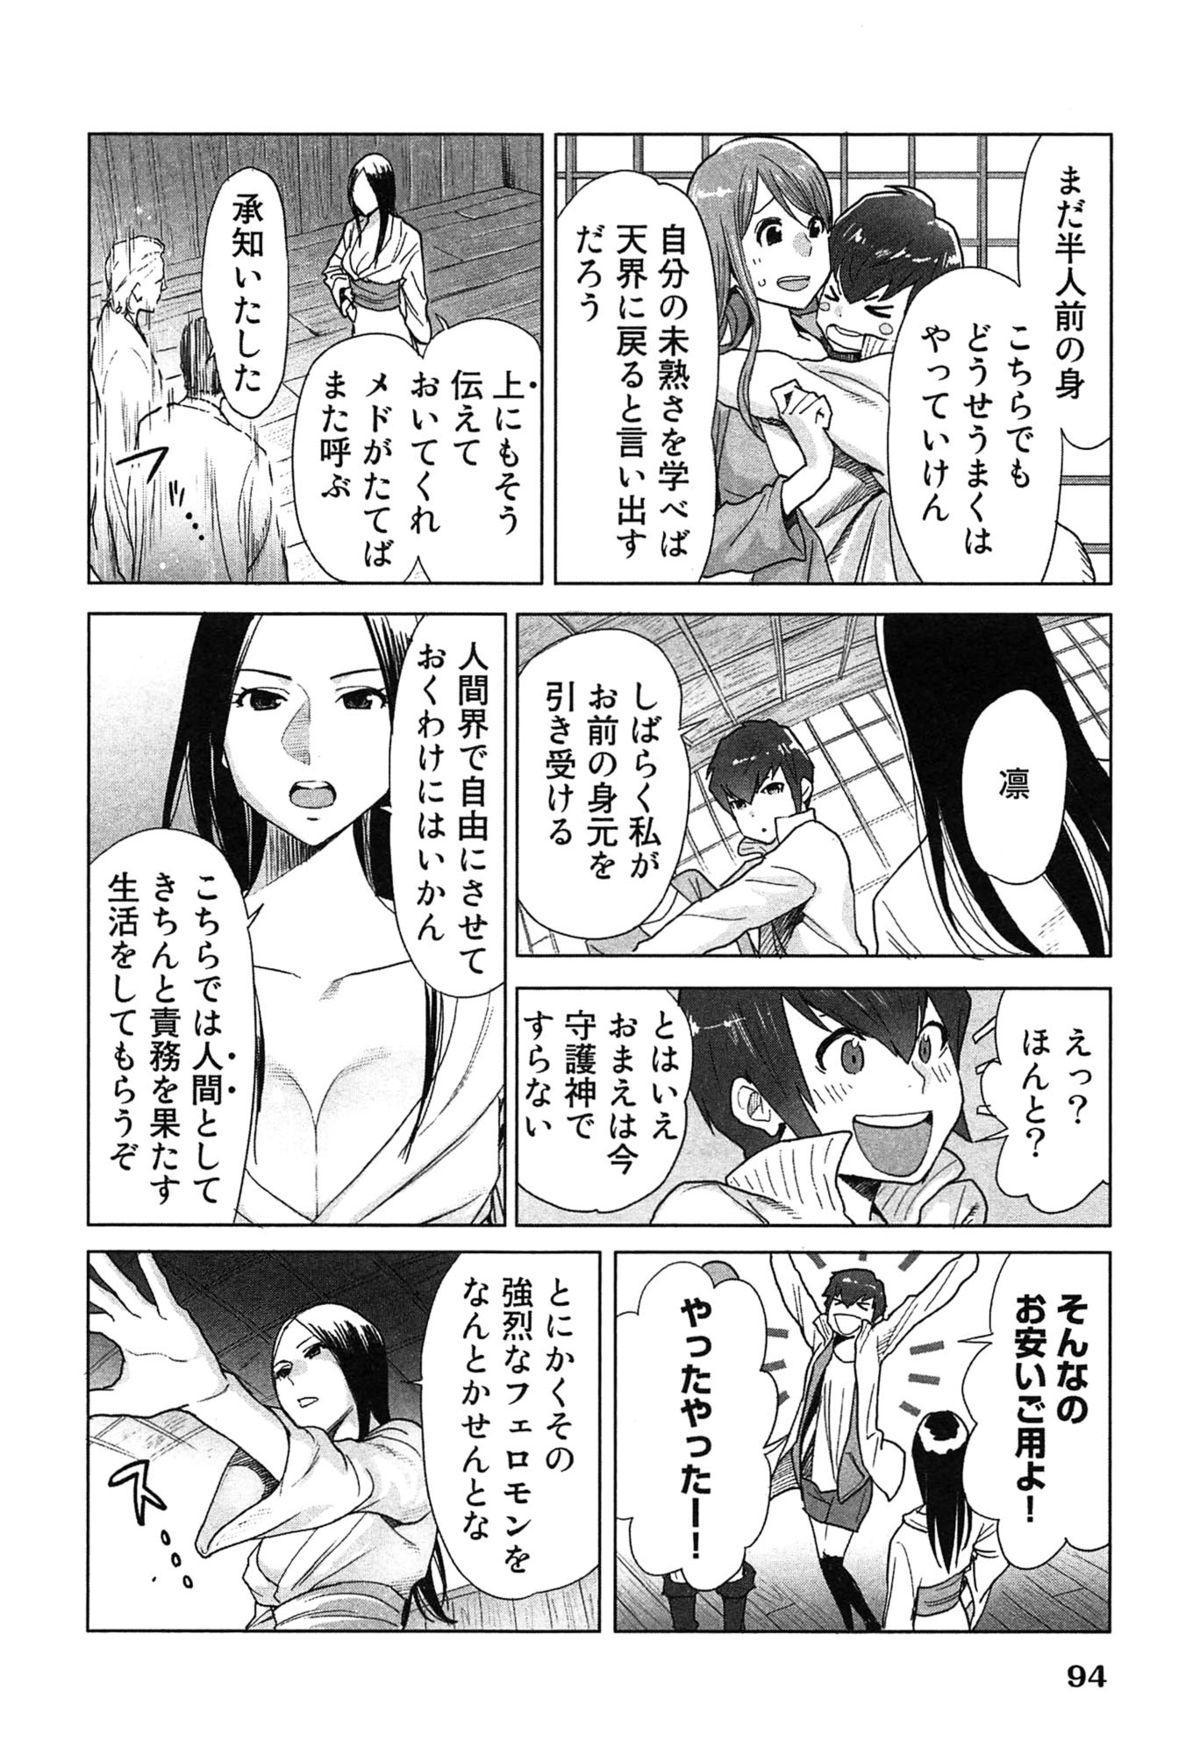 Megami to Ichinen Kura Shite Mita. 2 97